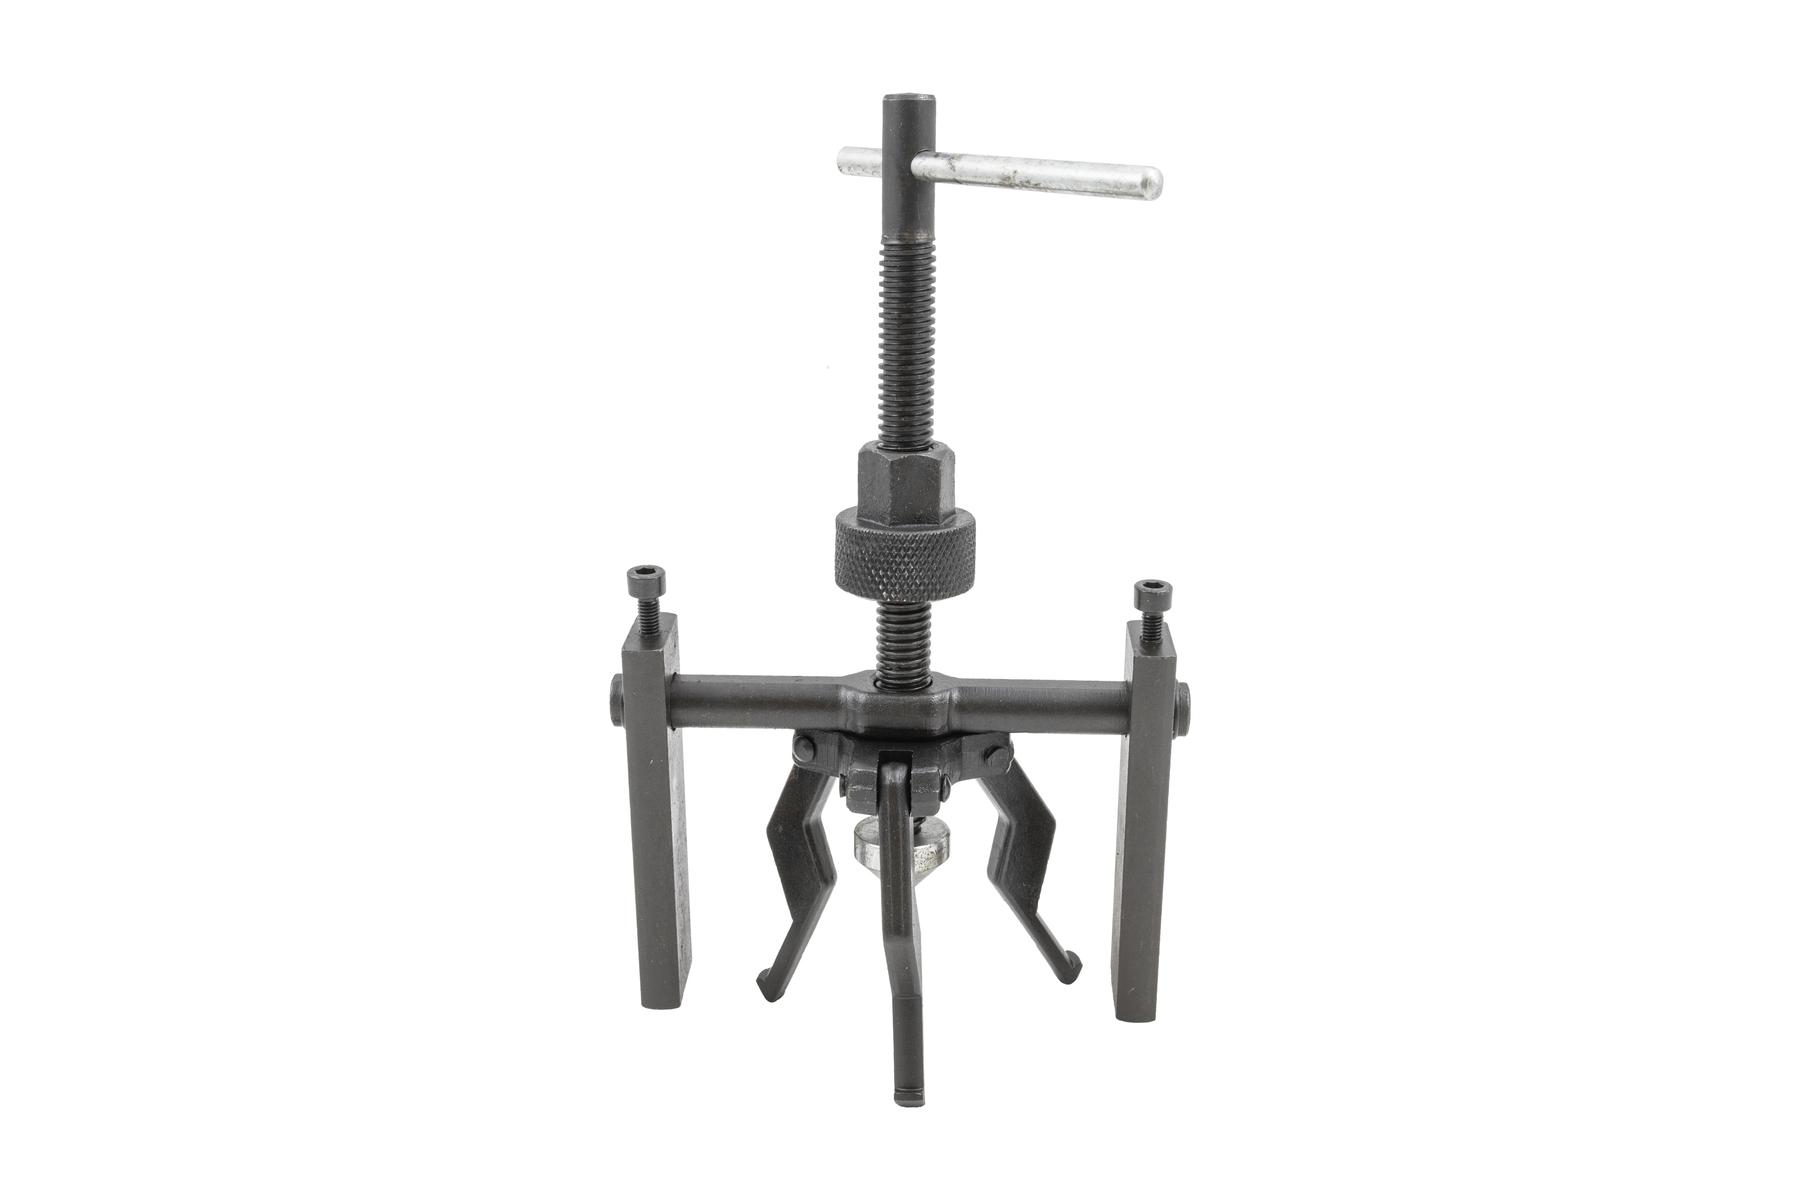 Stahovák na ložiska vnitřních průměrů 18-38 mm - QUATROS QS11160